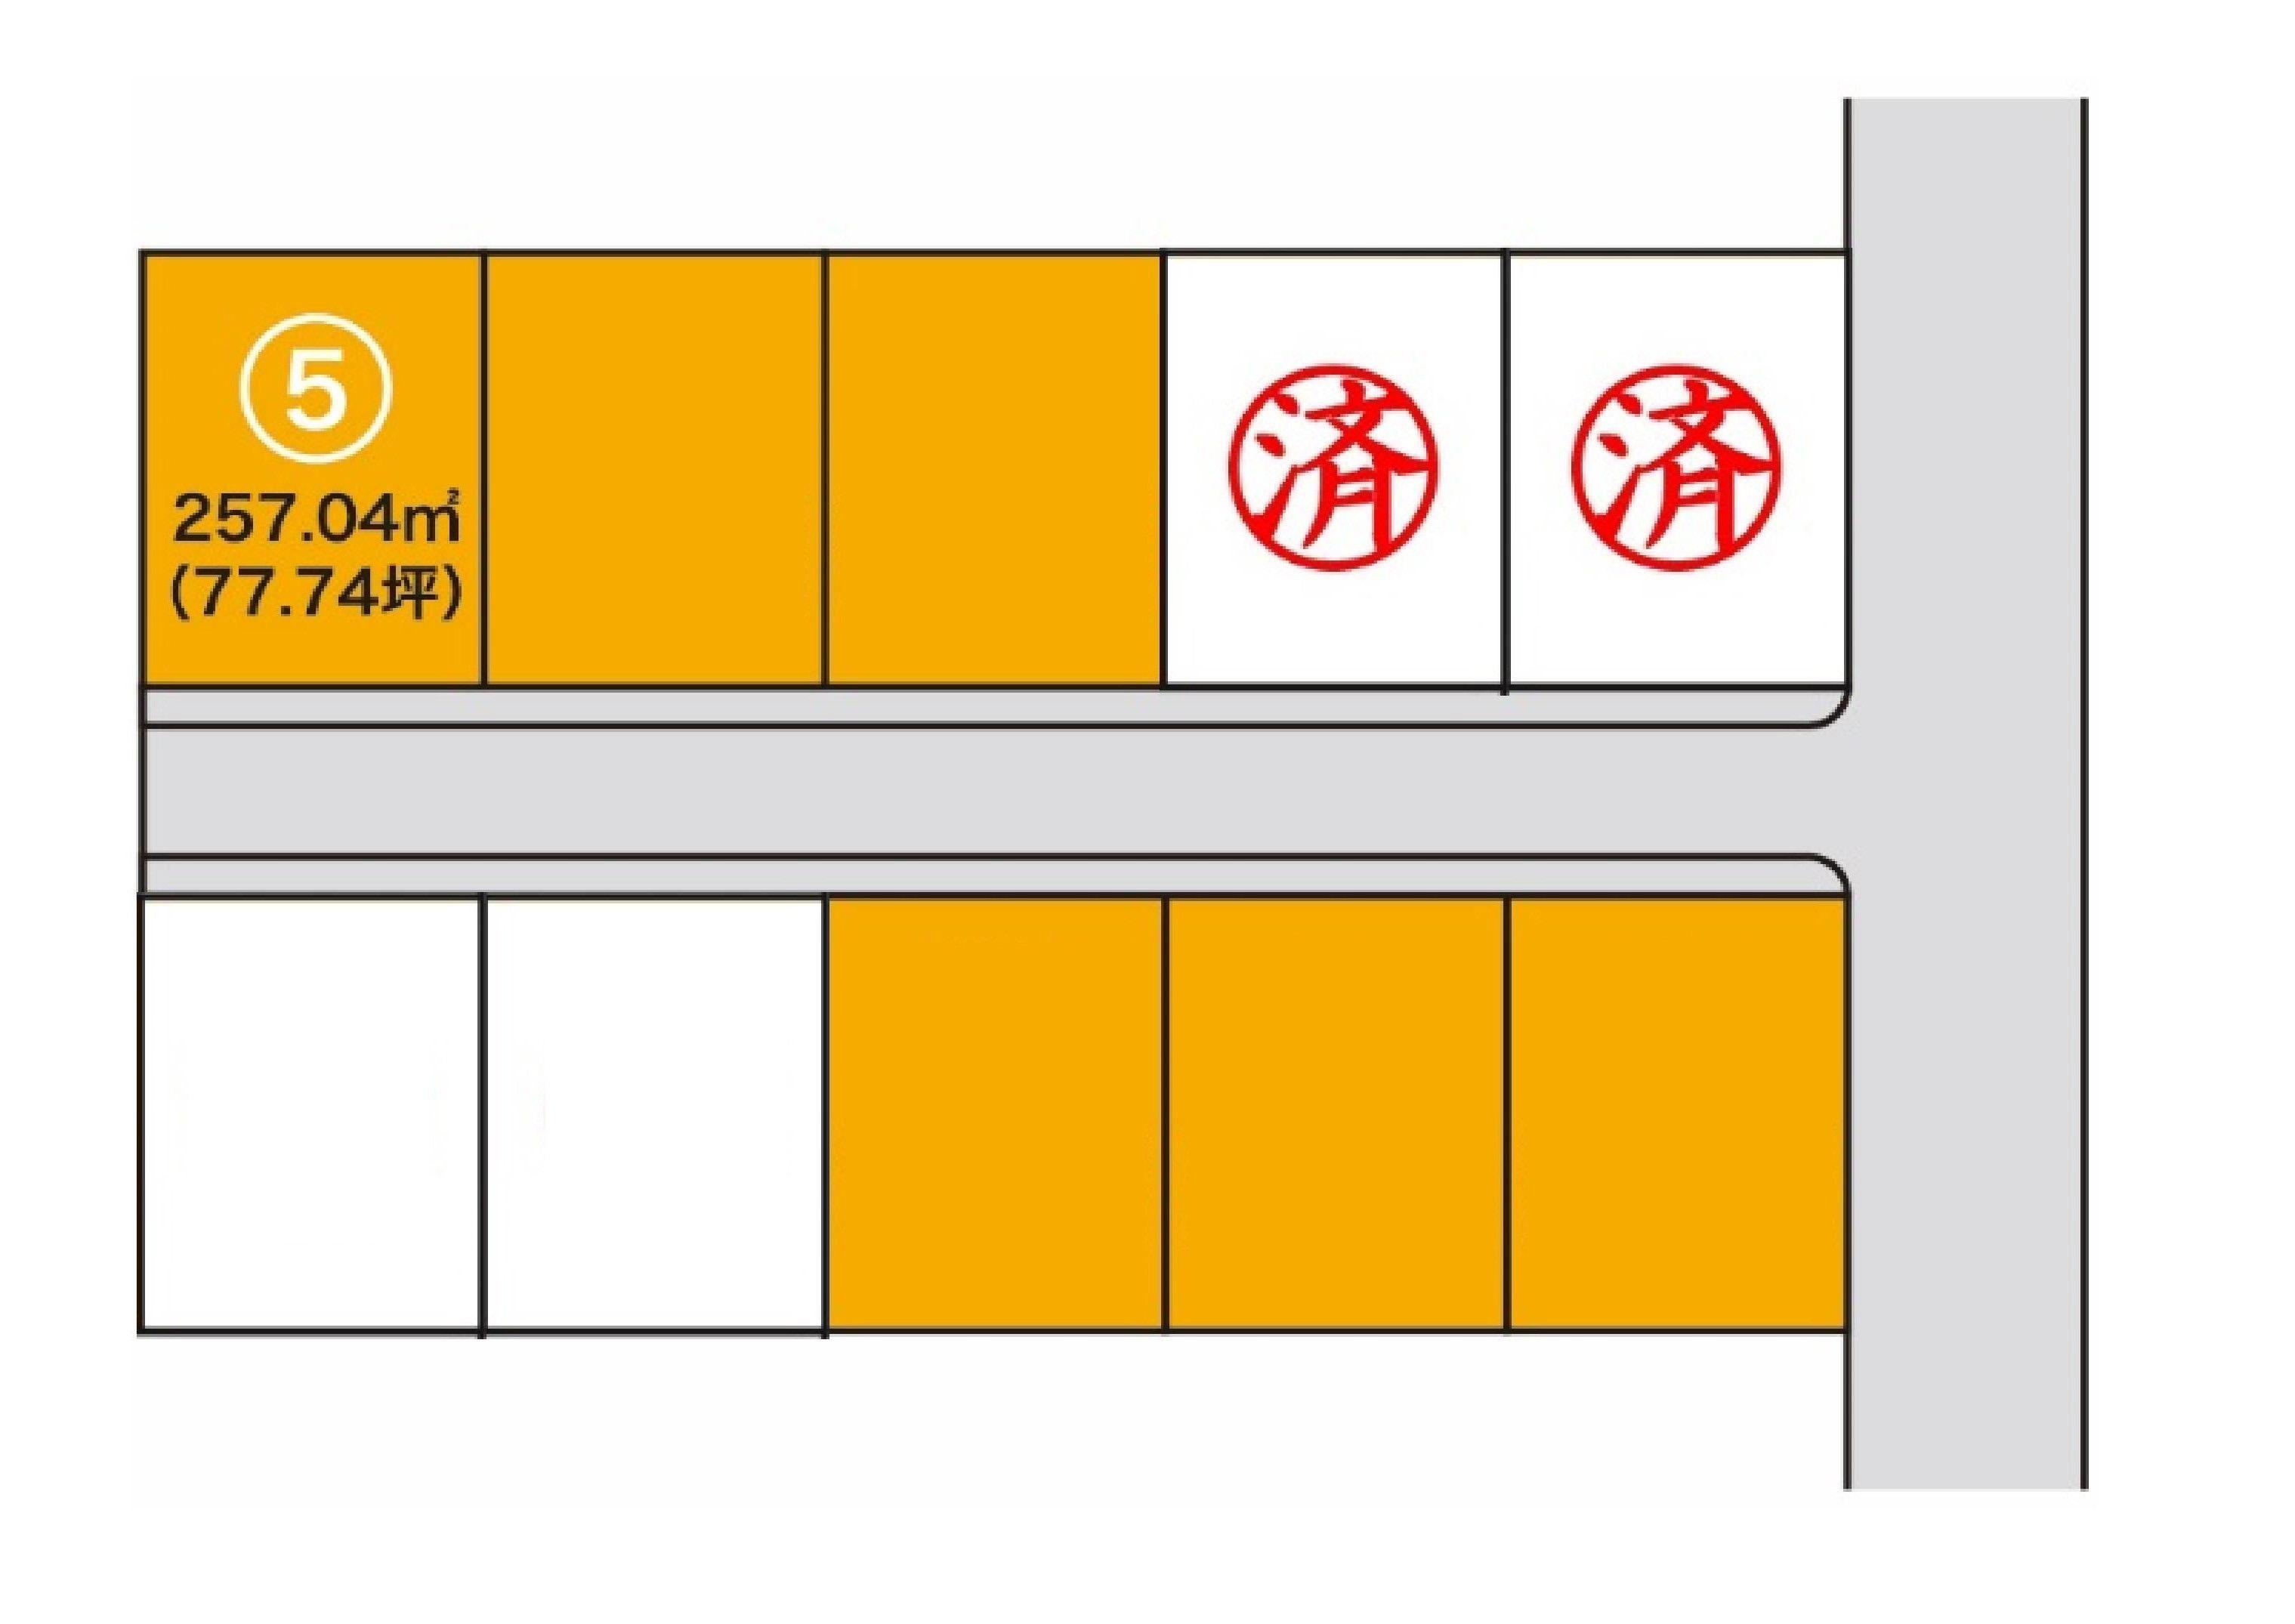 【分譲地】胆沢郡金ケ崎町西根 分譲地⑤・アイキャッチ画像